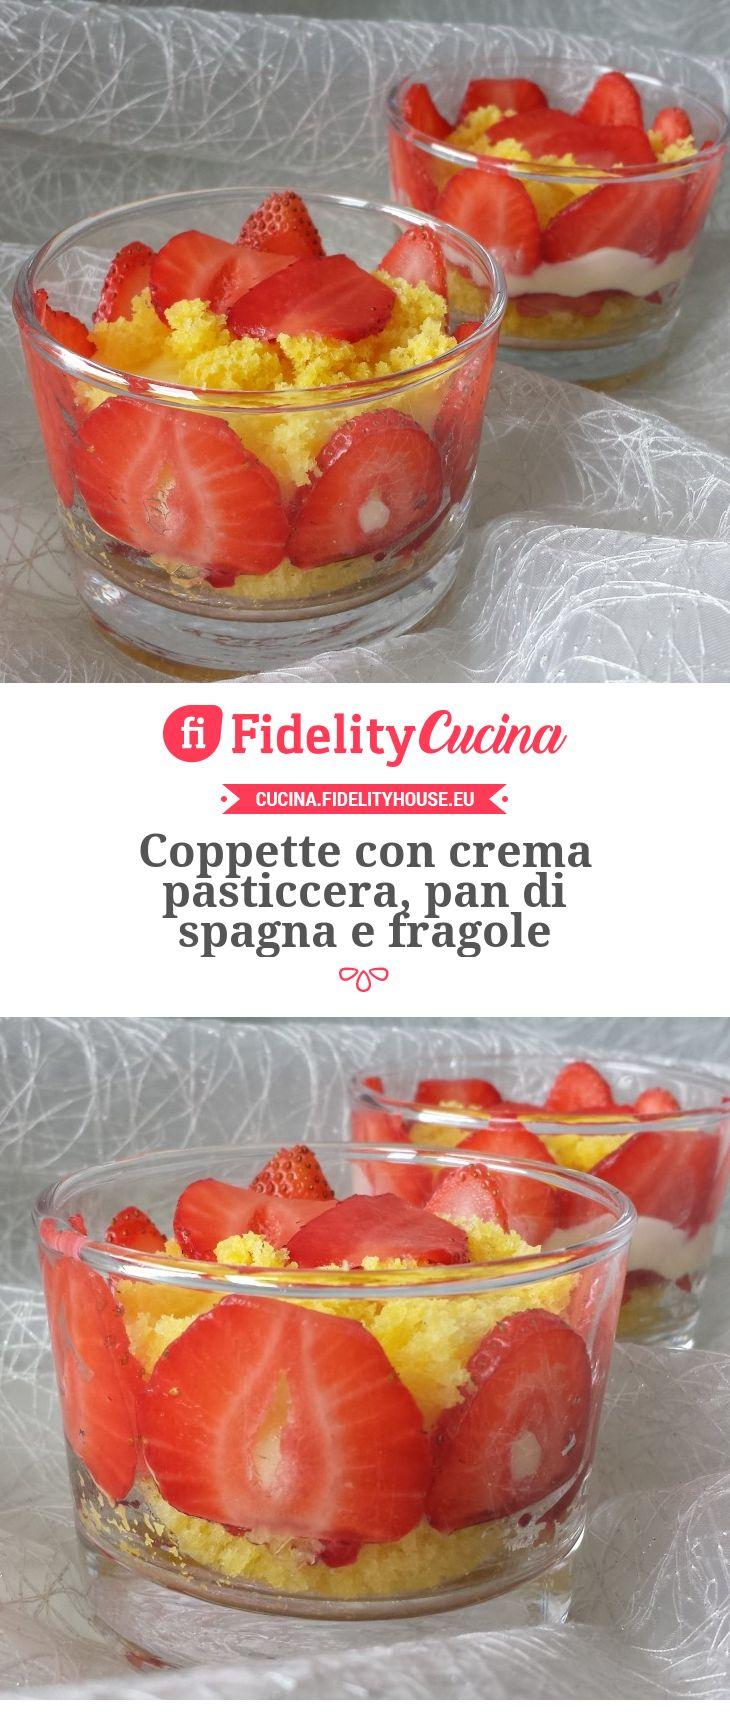 Coppette con crema pasticcera, pan di spagna e fragole